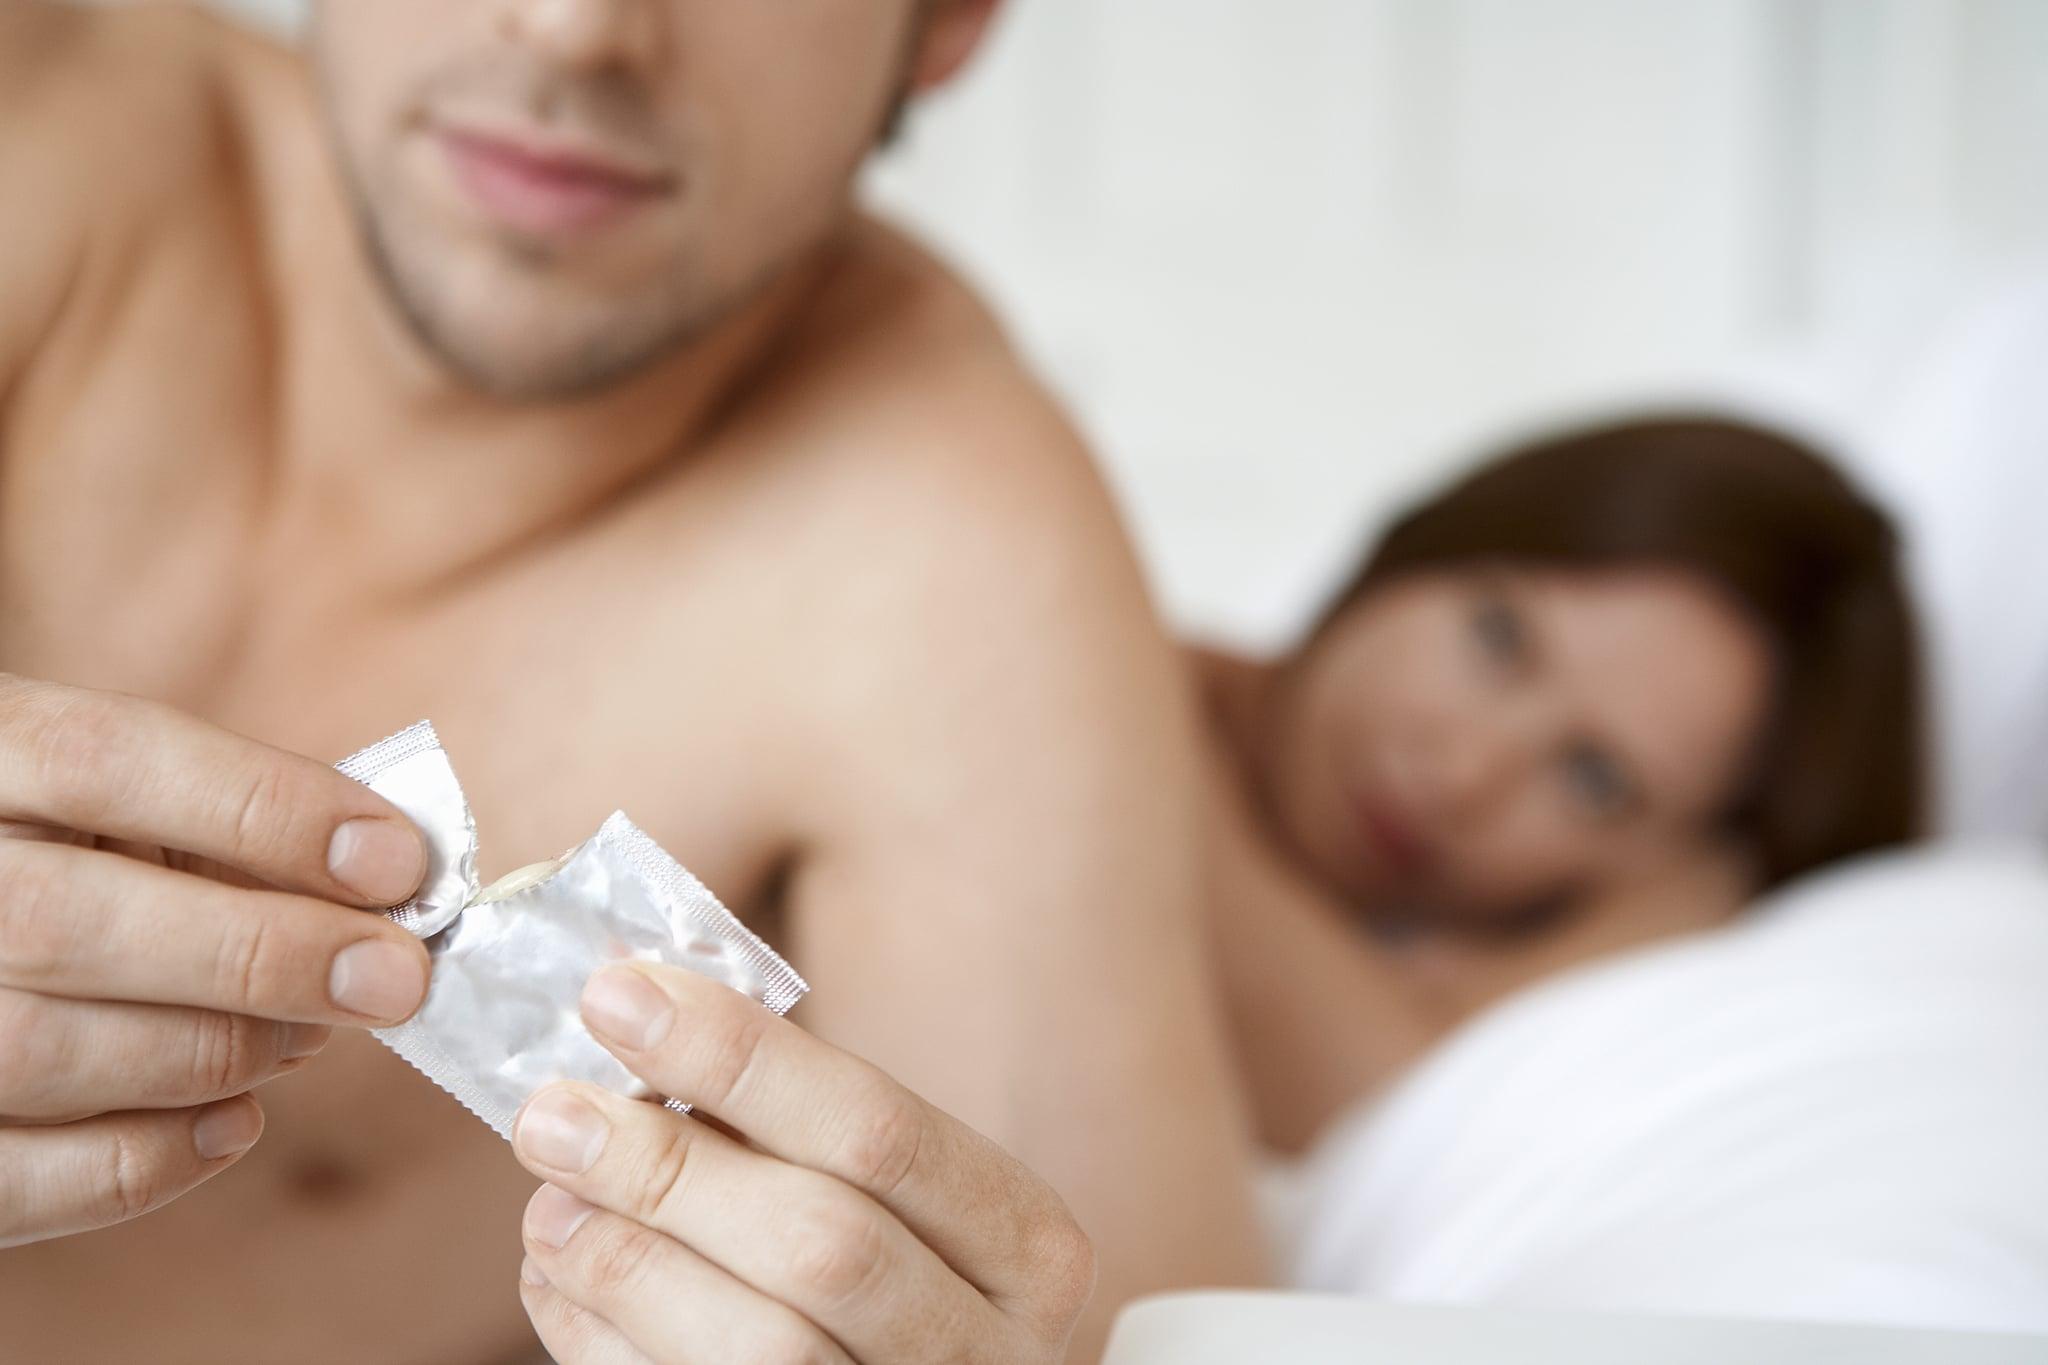 Image result for कंडोम इस्तेमाल करने की वजह से यौन उत्तेजनाओं की बड़ी समस्याएं